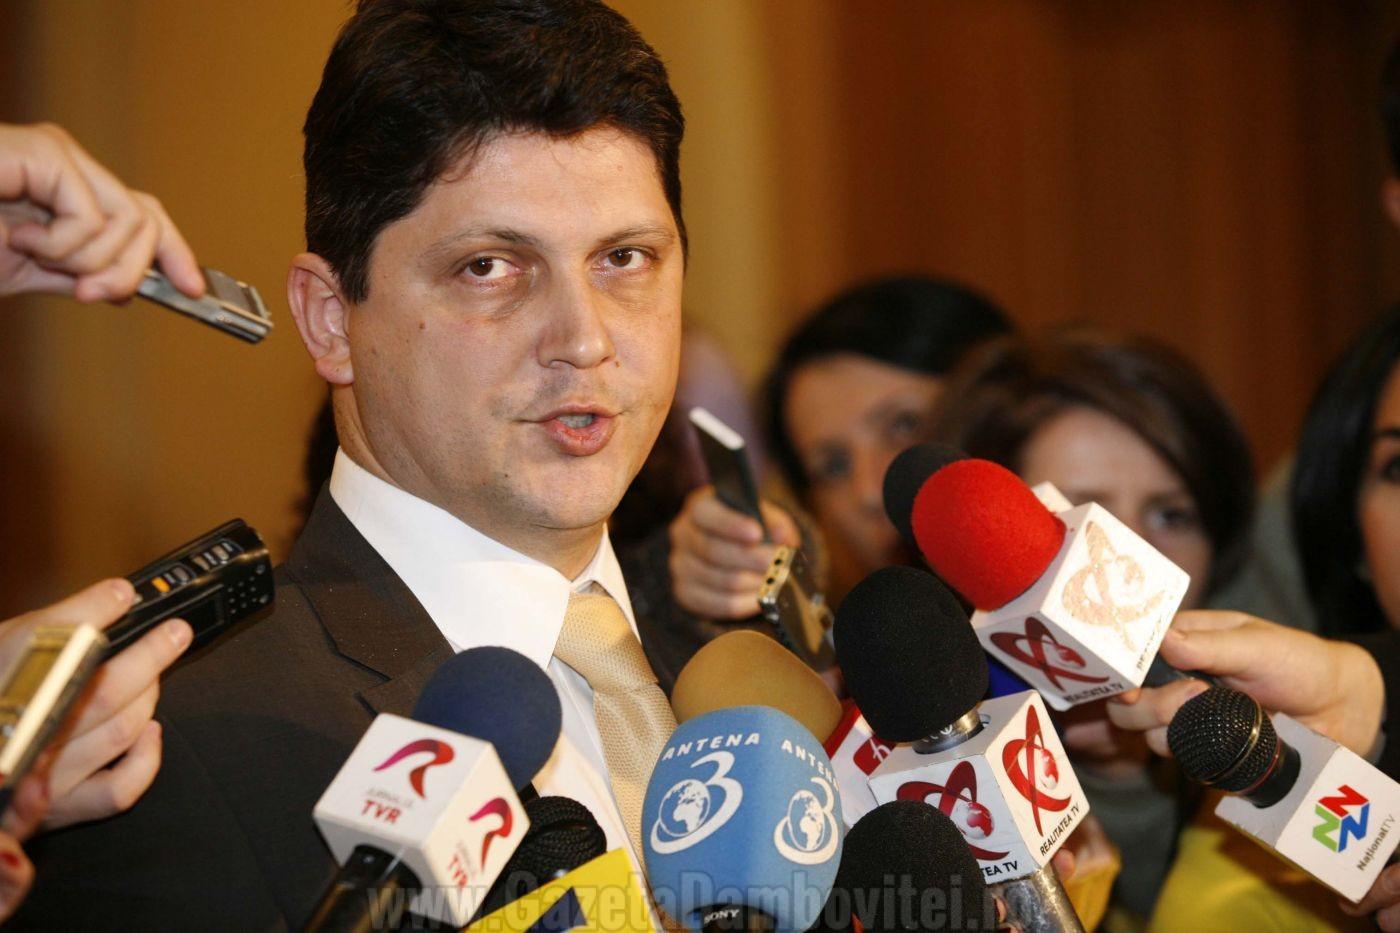 Agenda parlamentară: Standard & Poor's reconfirmă ratingul de perspectivă stabilă al României, anunță departamentul  coordonat de senatorul Corlățean